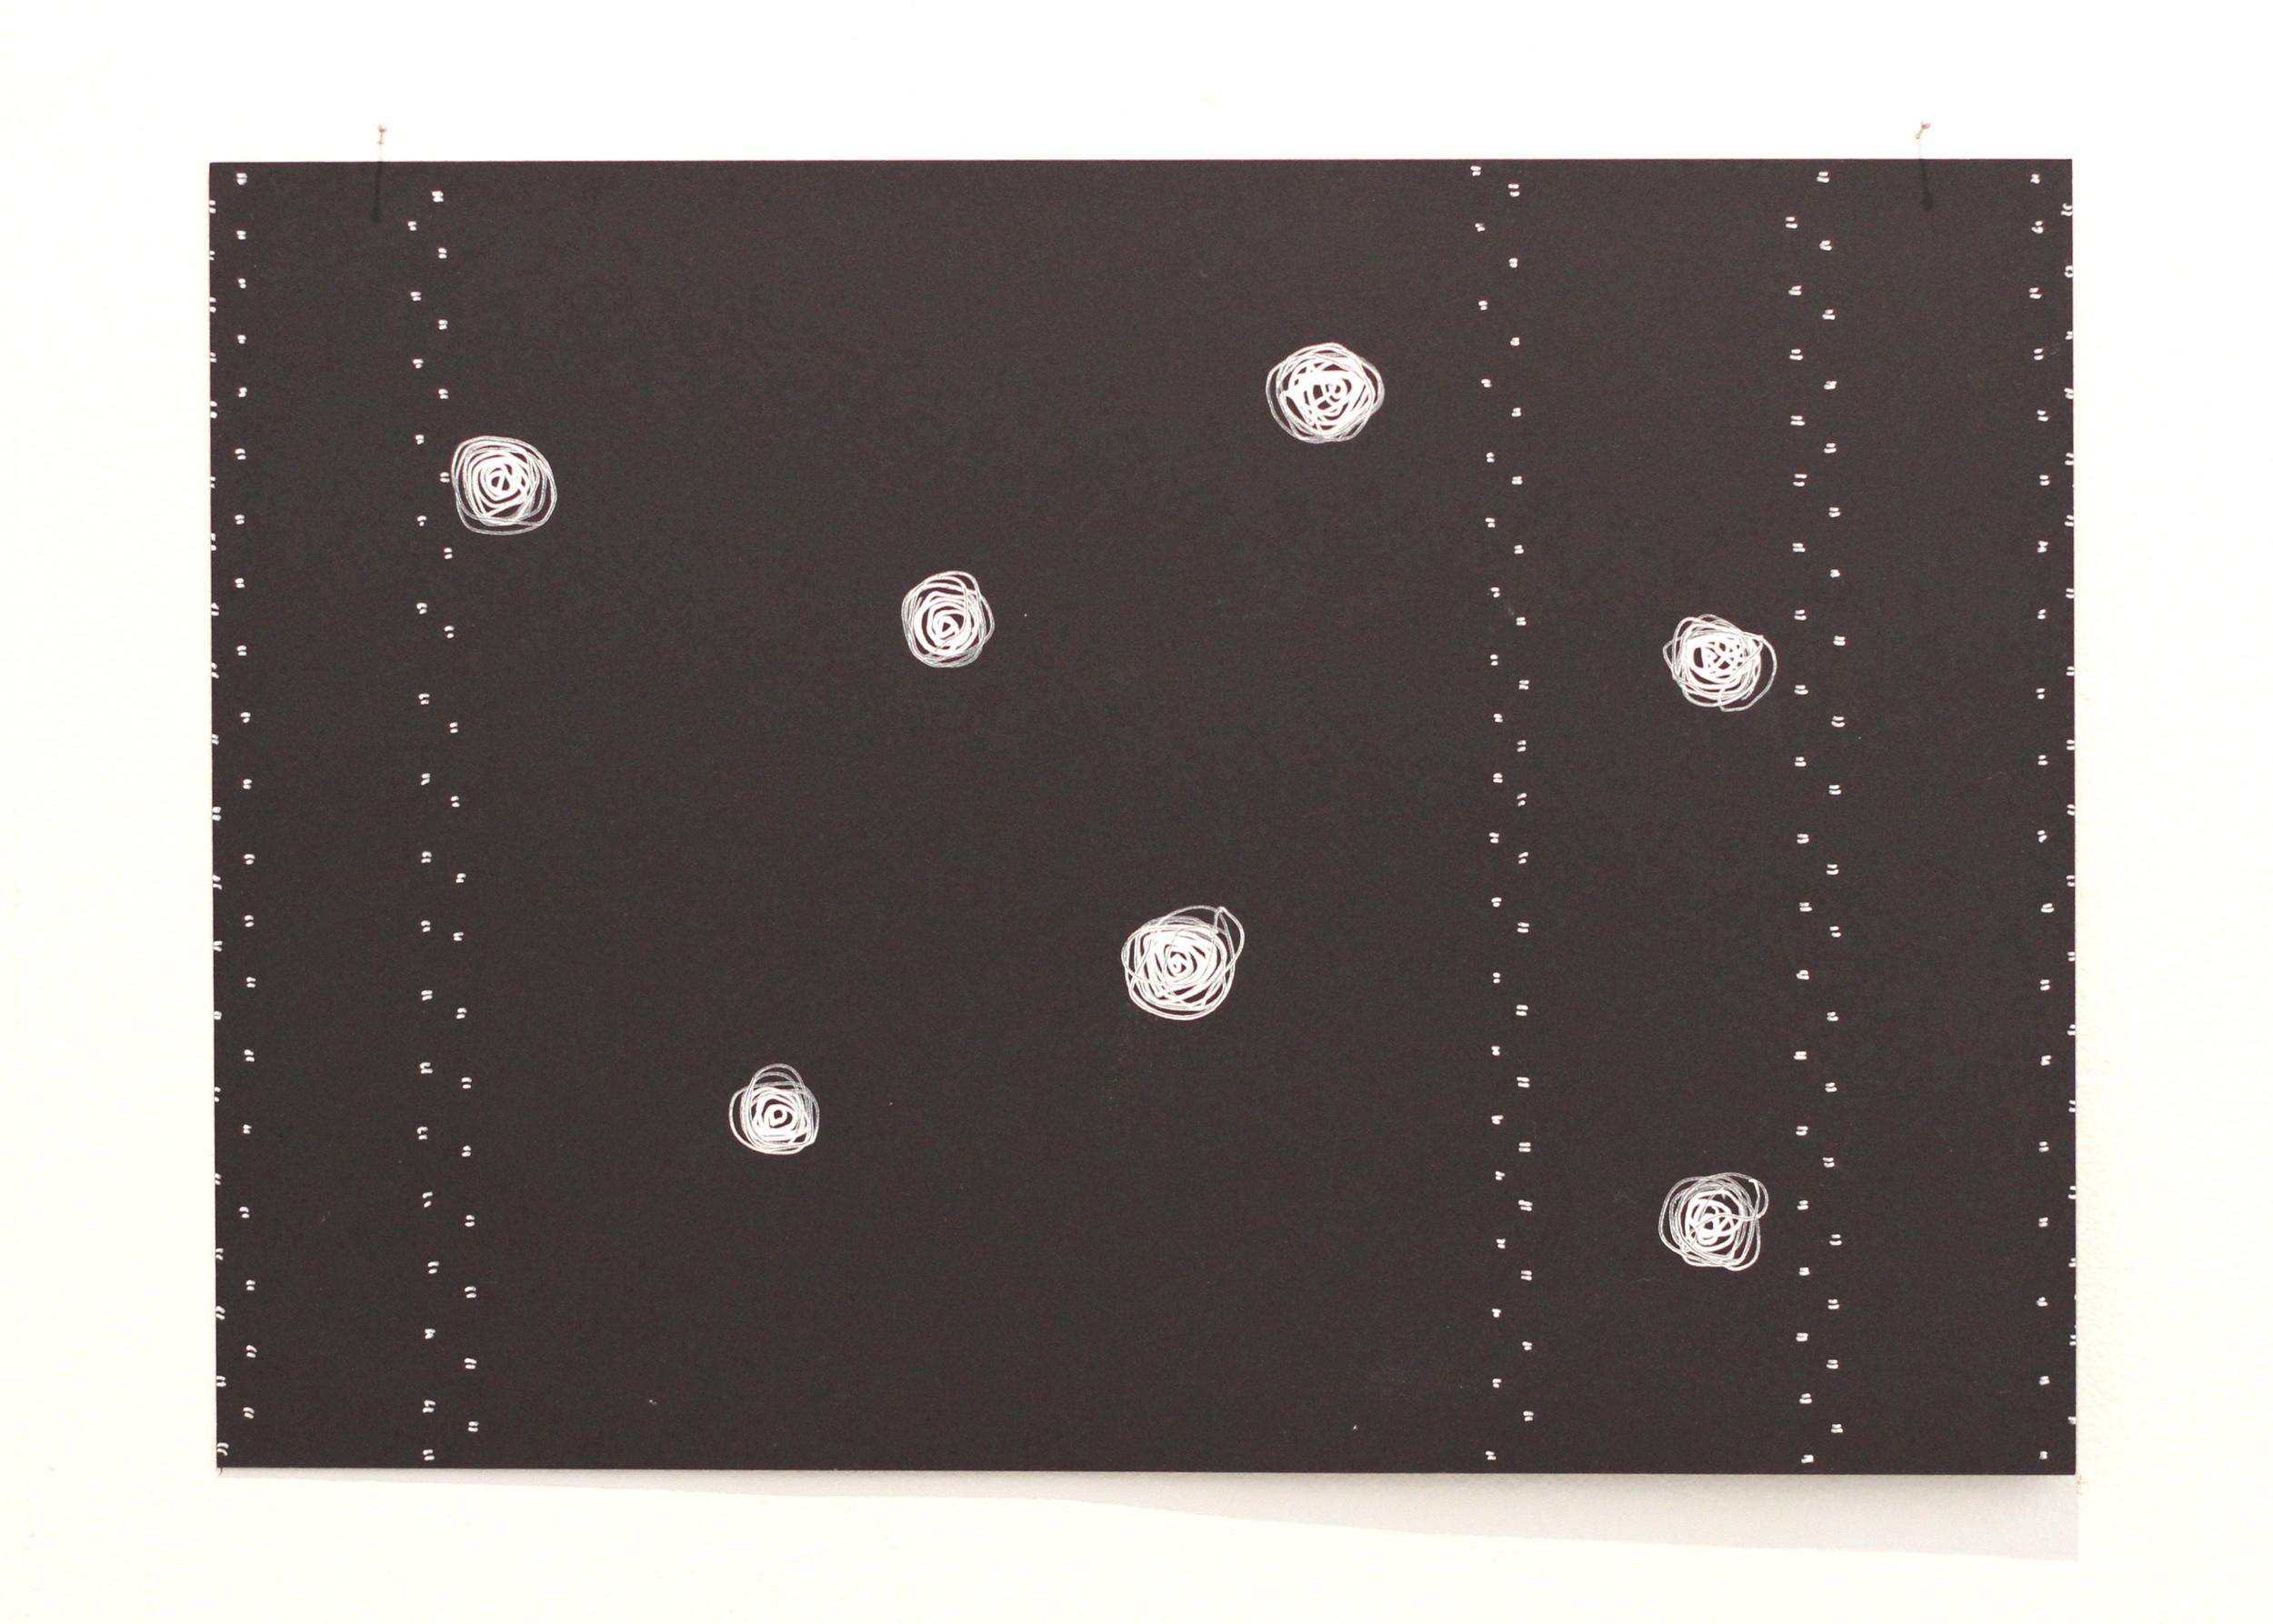 'O lā āitu lāitiiti / Those small spirits, Léuli Eshraghi, ink on card, 21 x 29.5cm, 2014